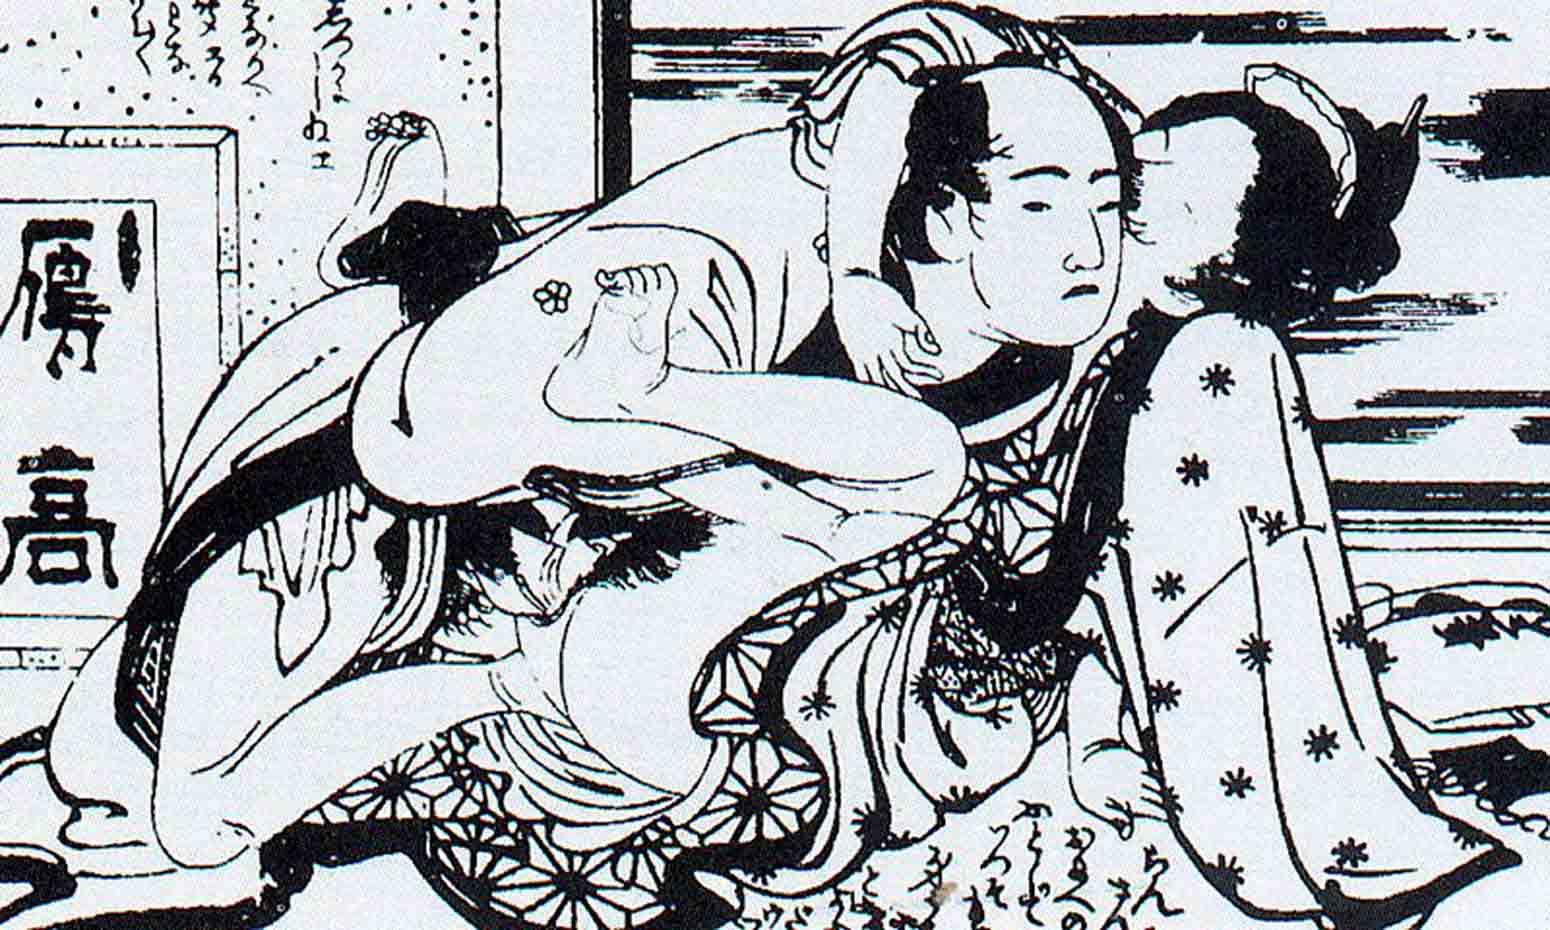 Кацусика Хокусай (Katsushika Hokusai), Shunga – 17